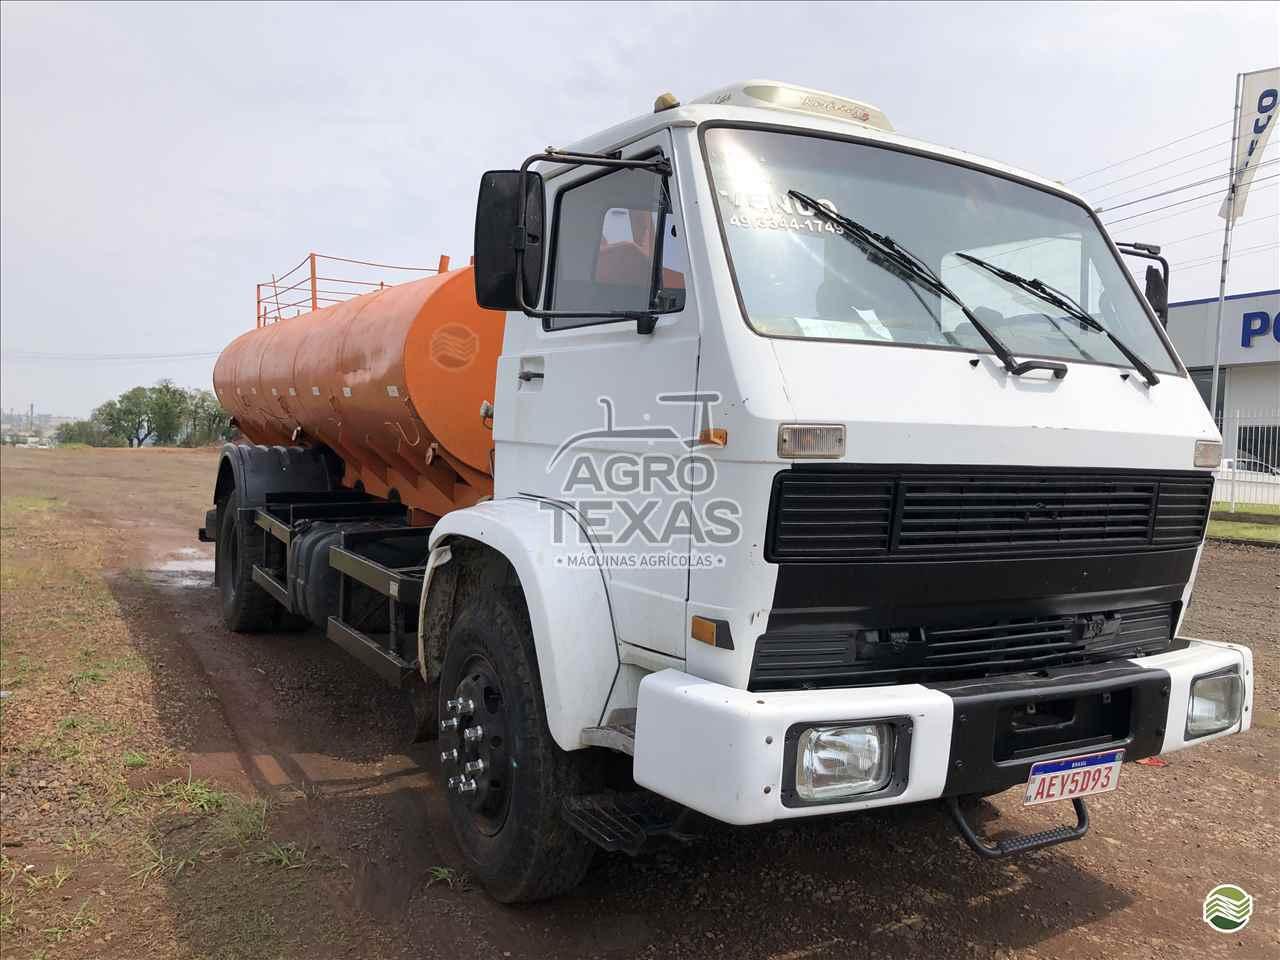 CAMINHAO VOLKSWAGEN VW 12140 Tanque Aço Toco 4x2 Agro Texas Máquinas Agrícolas VITORINO PARANÁ PR